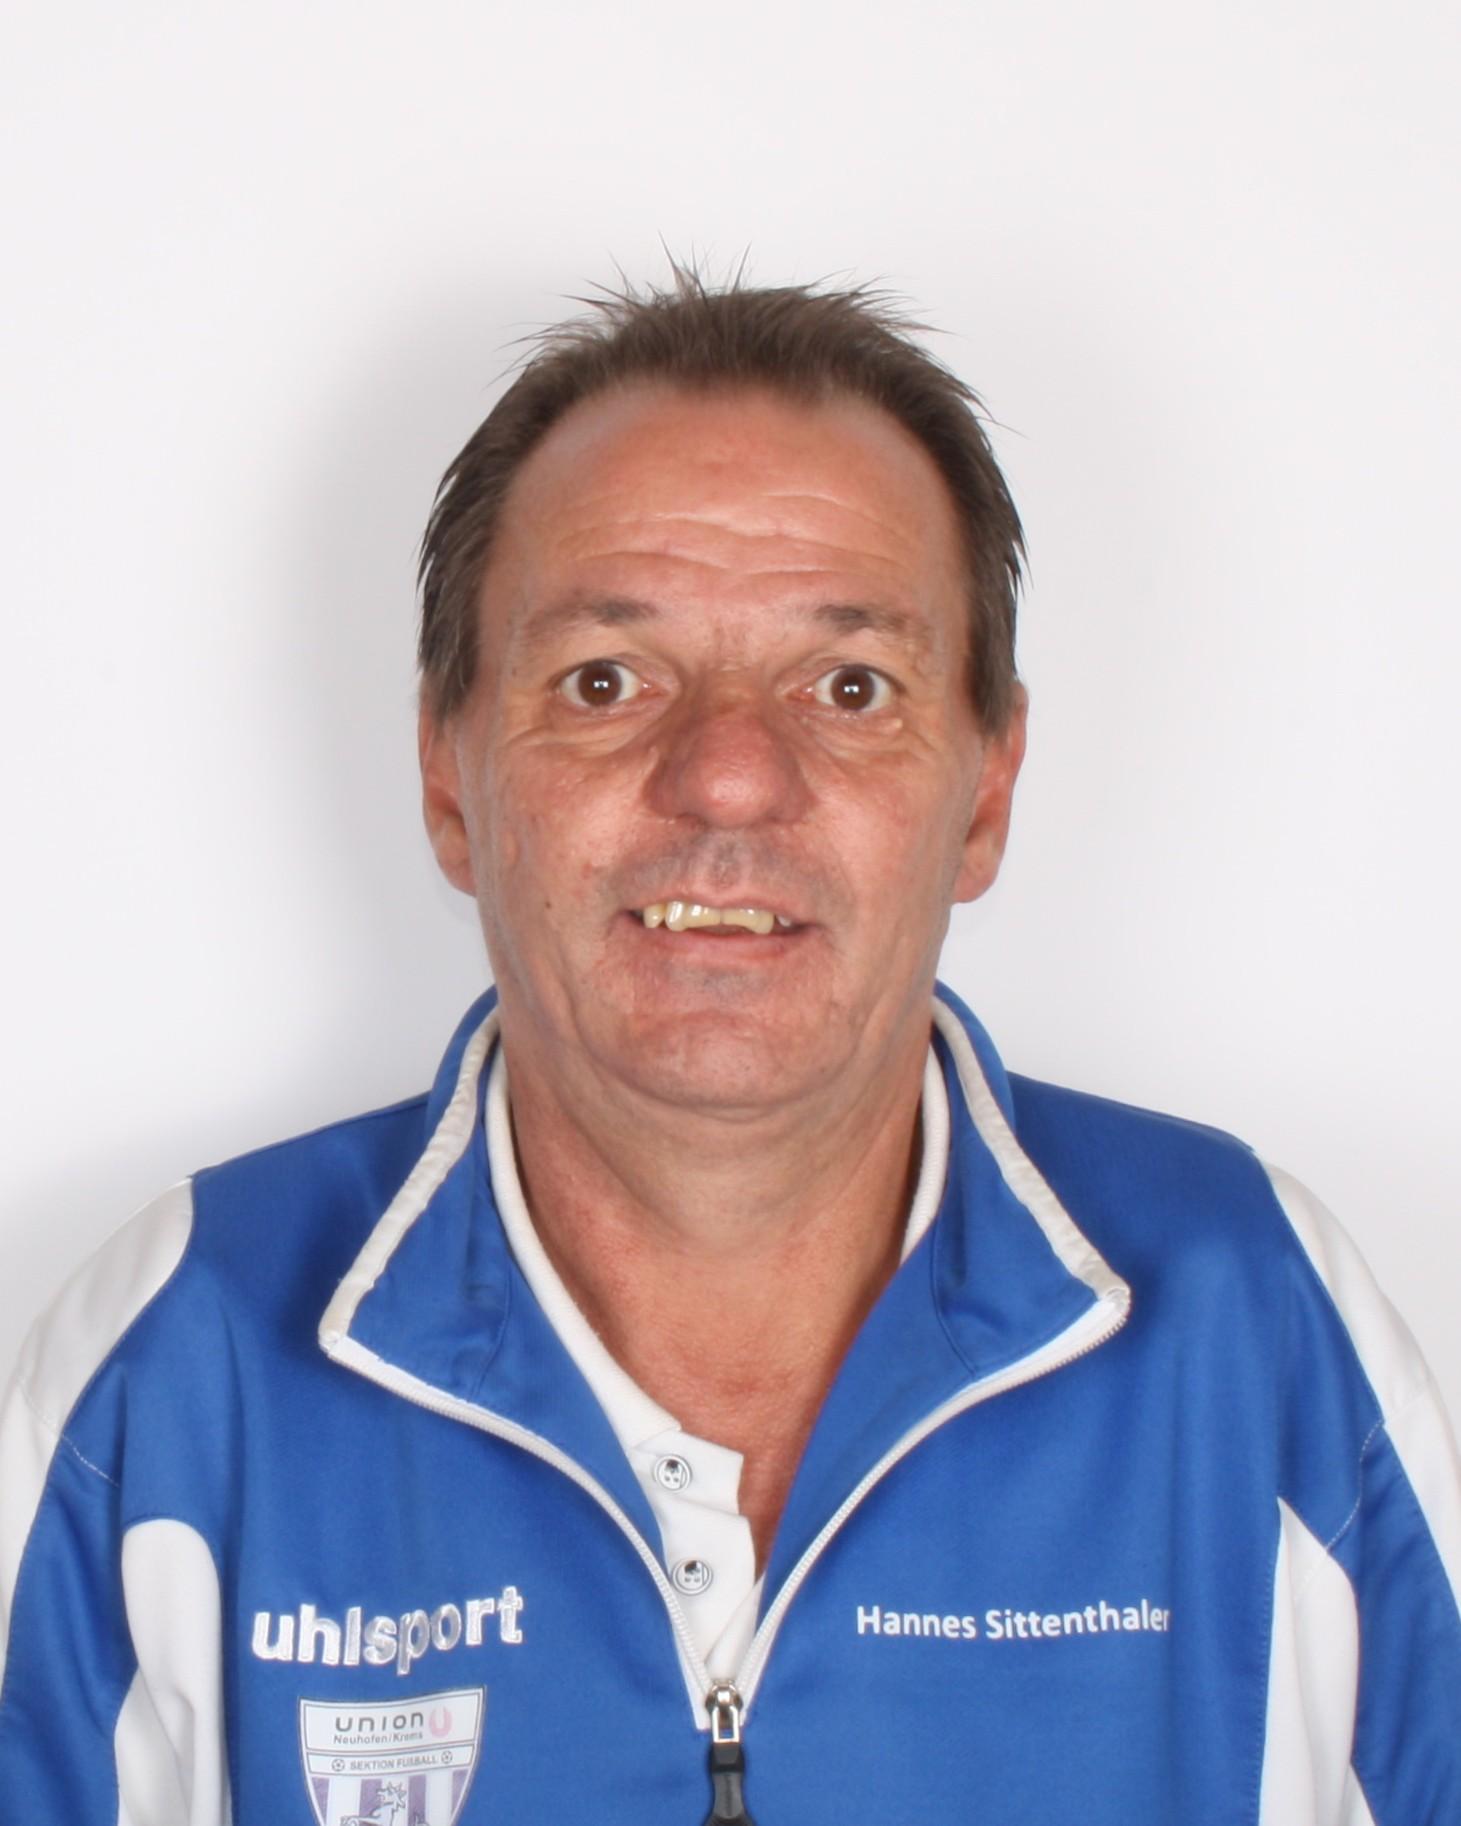 Hannes Sittenthaler